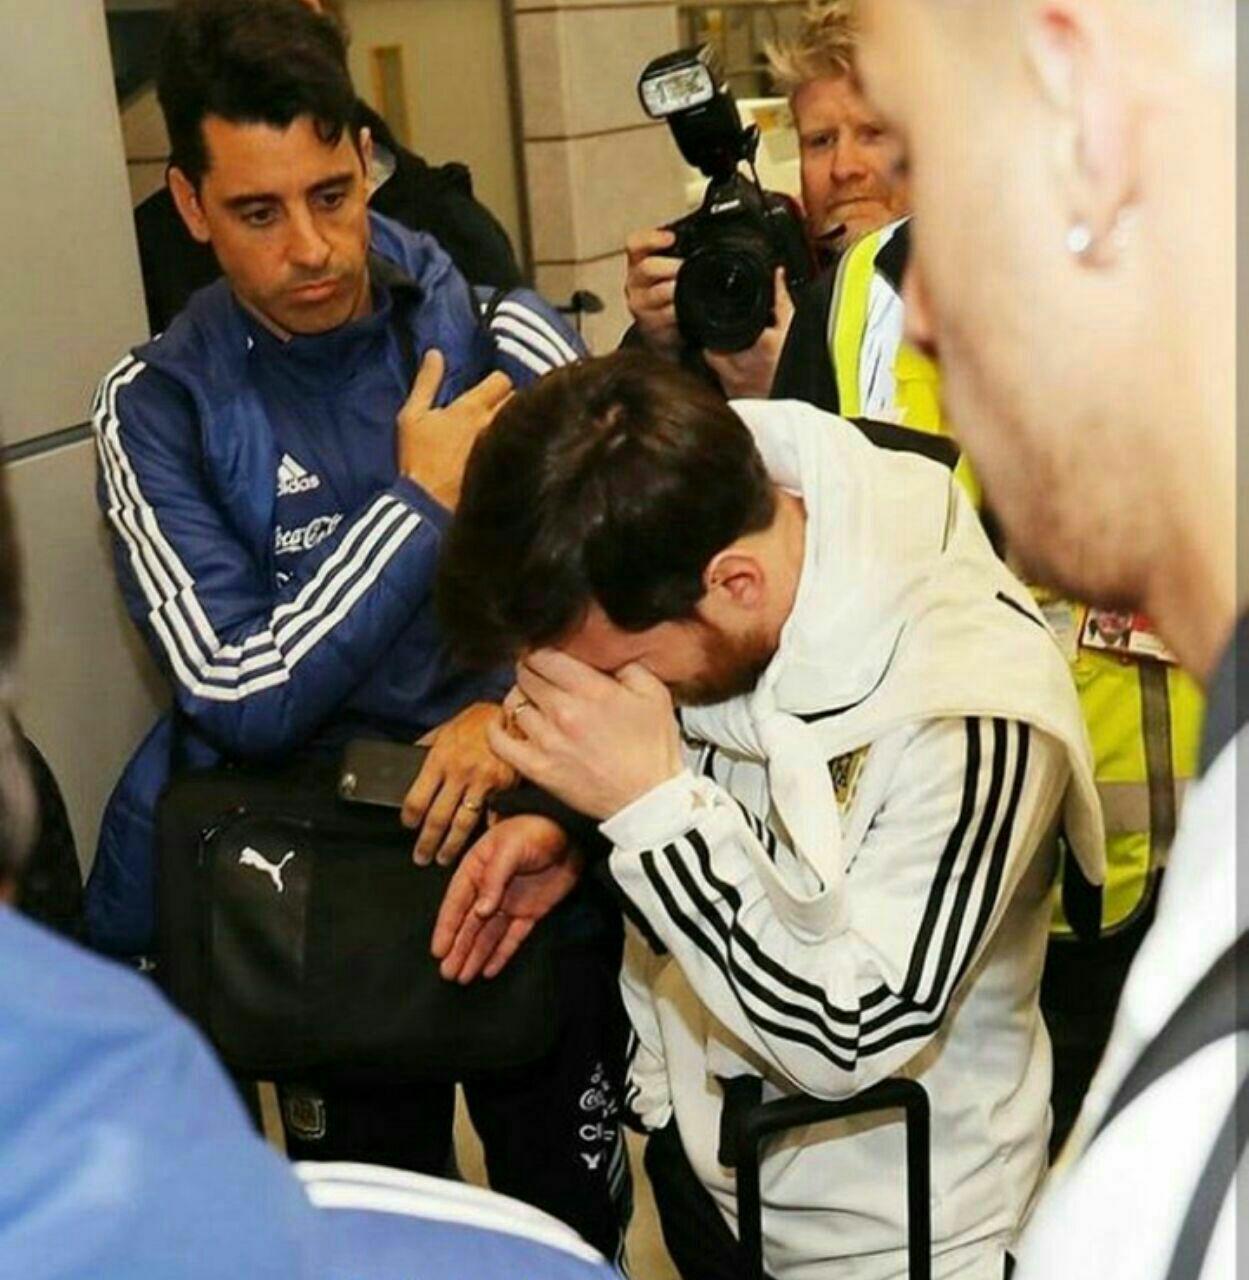 حمله عکاسان به مسی در مادرید+عکس